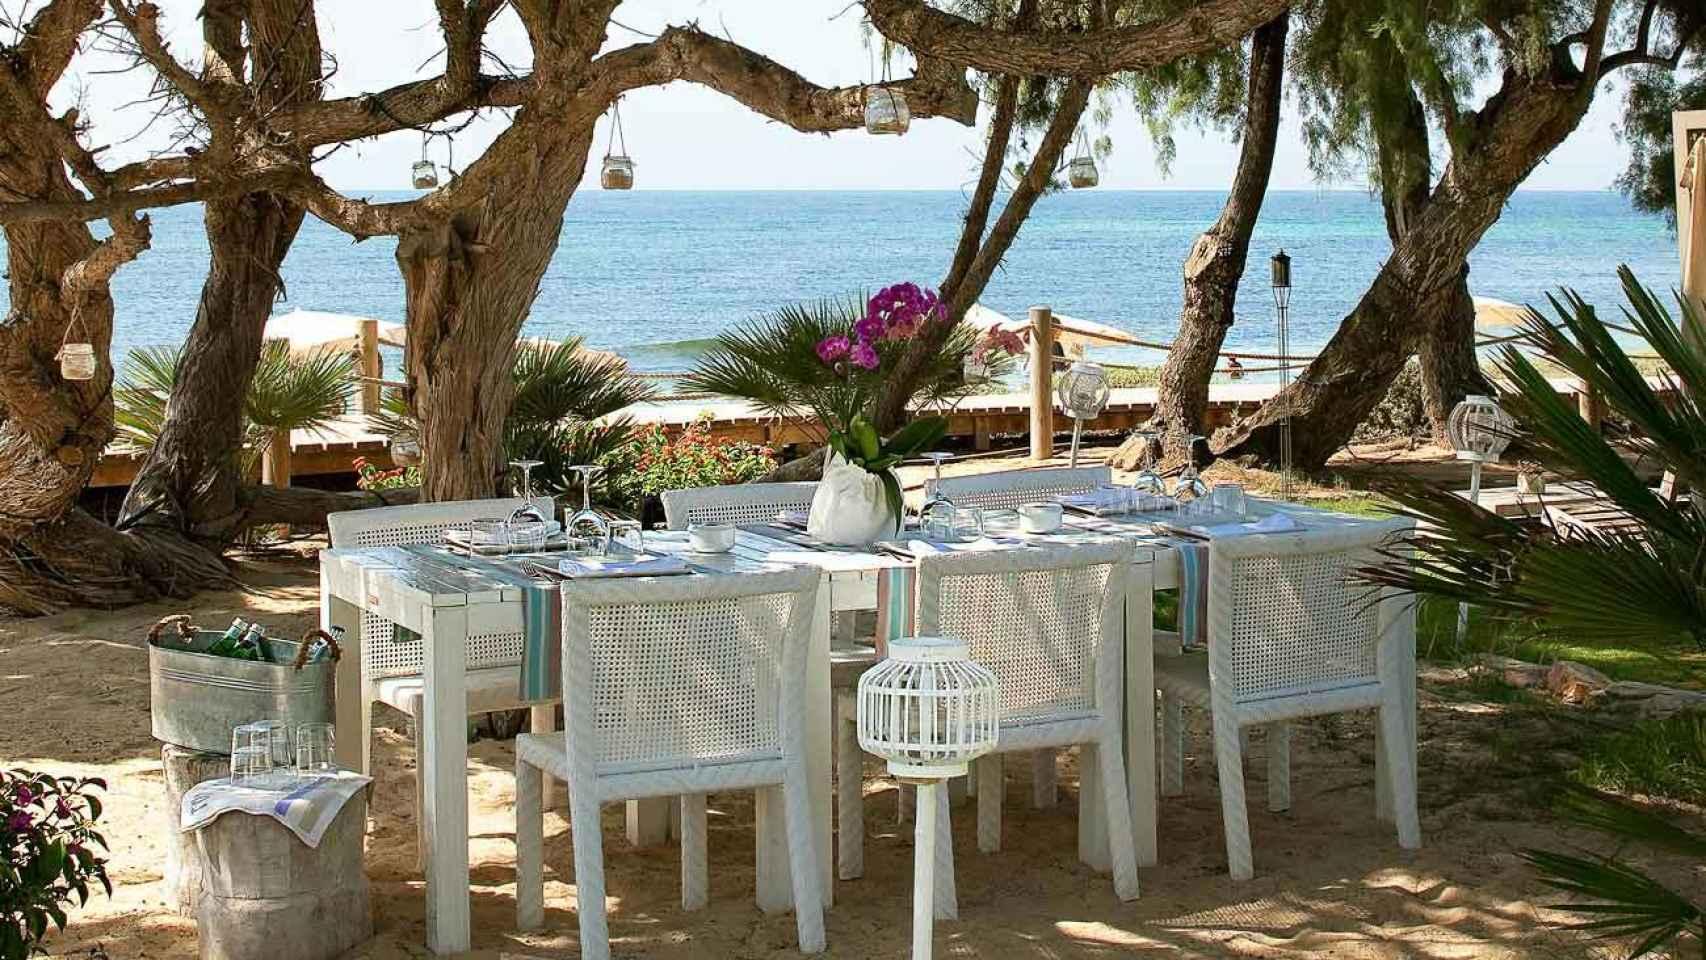 En el Club de Gecko podrás contemplar  las aguas turquesas mientras saboreas la cocina mediterránea.